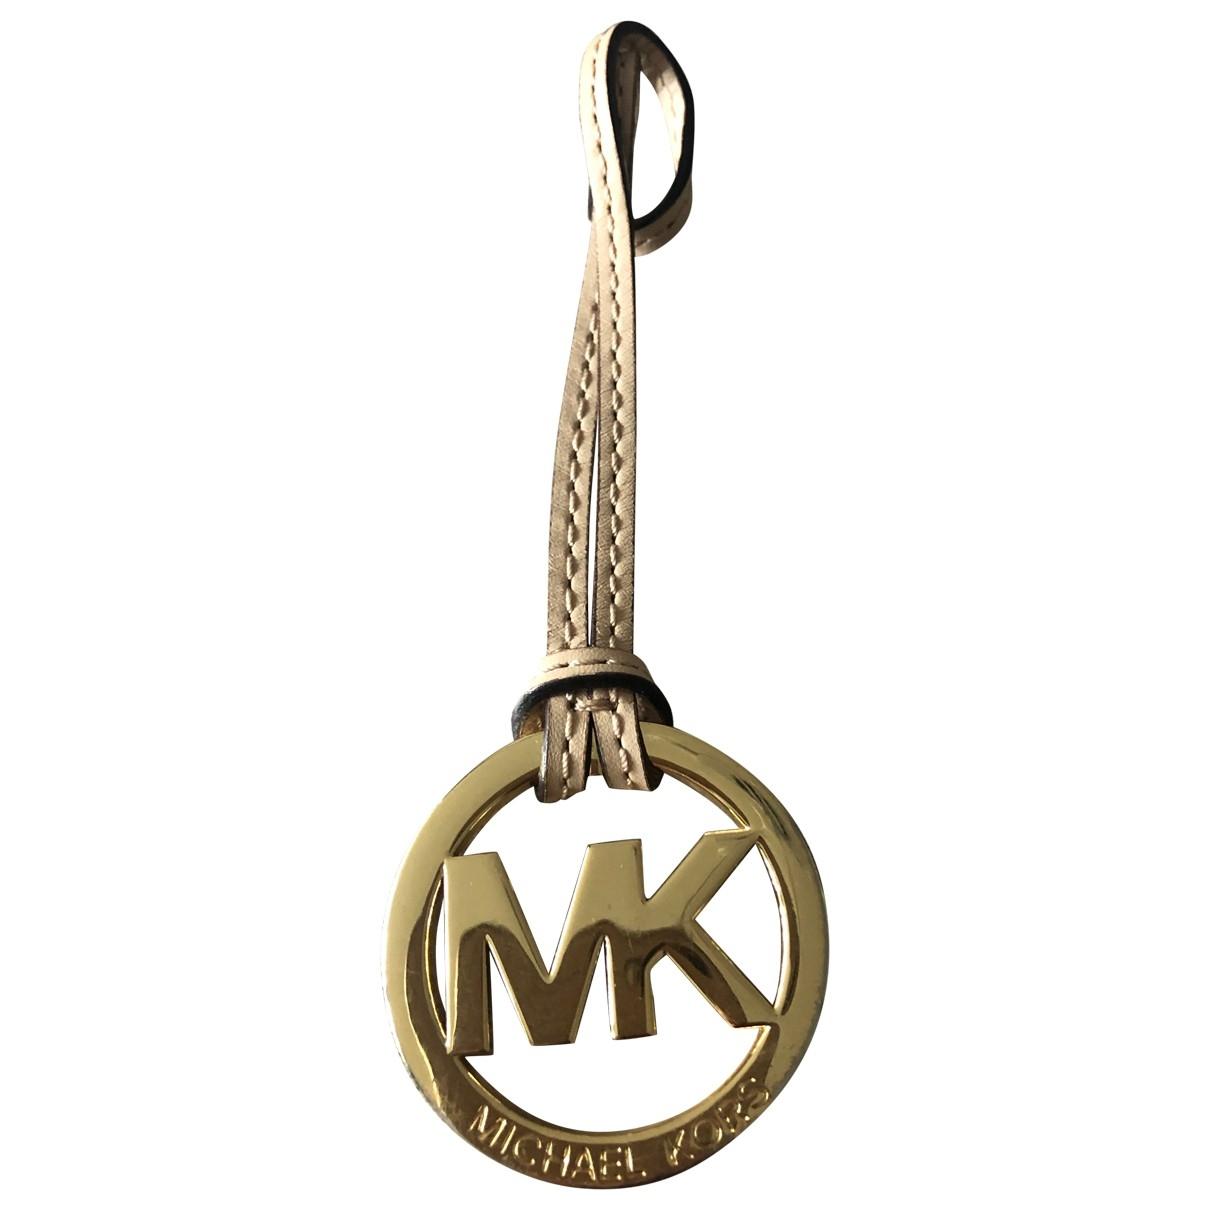 Michael Kors \N Taschenschmuck in  Gold Vergoldet